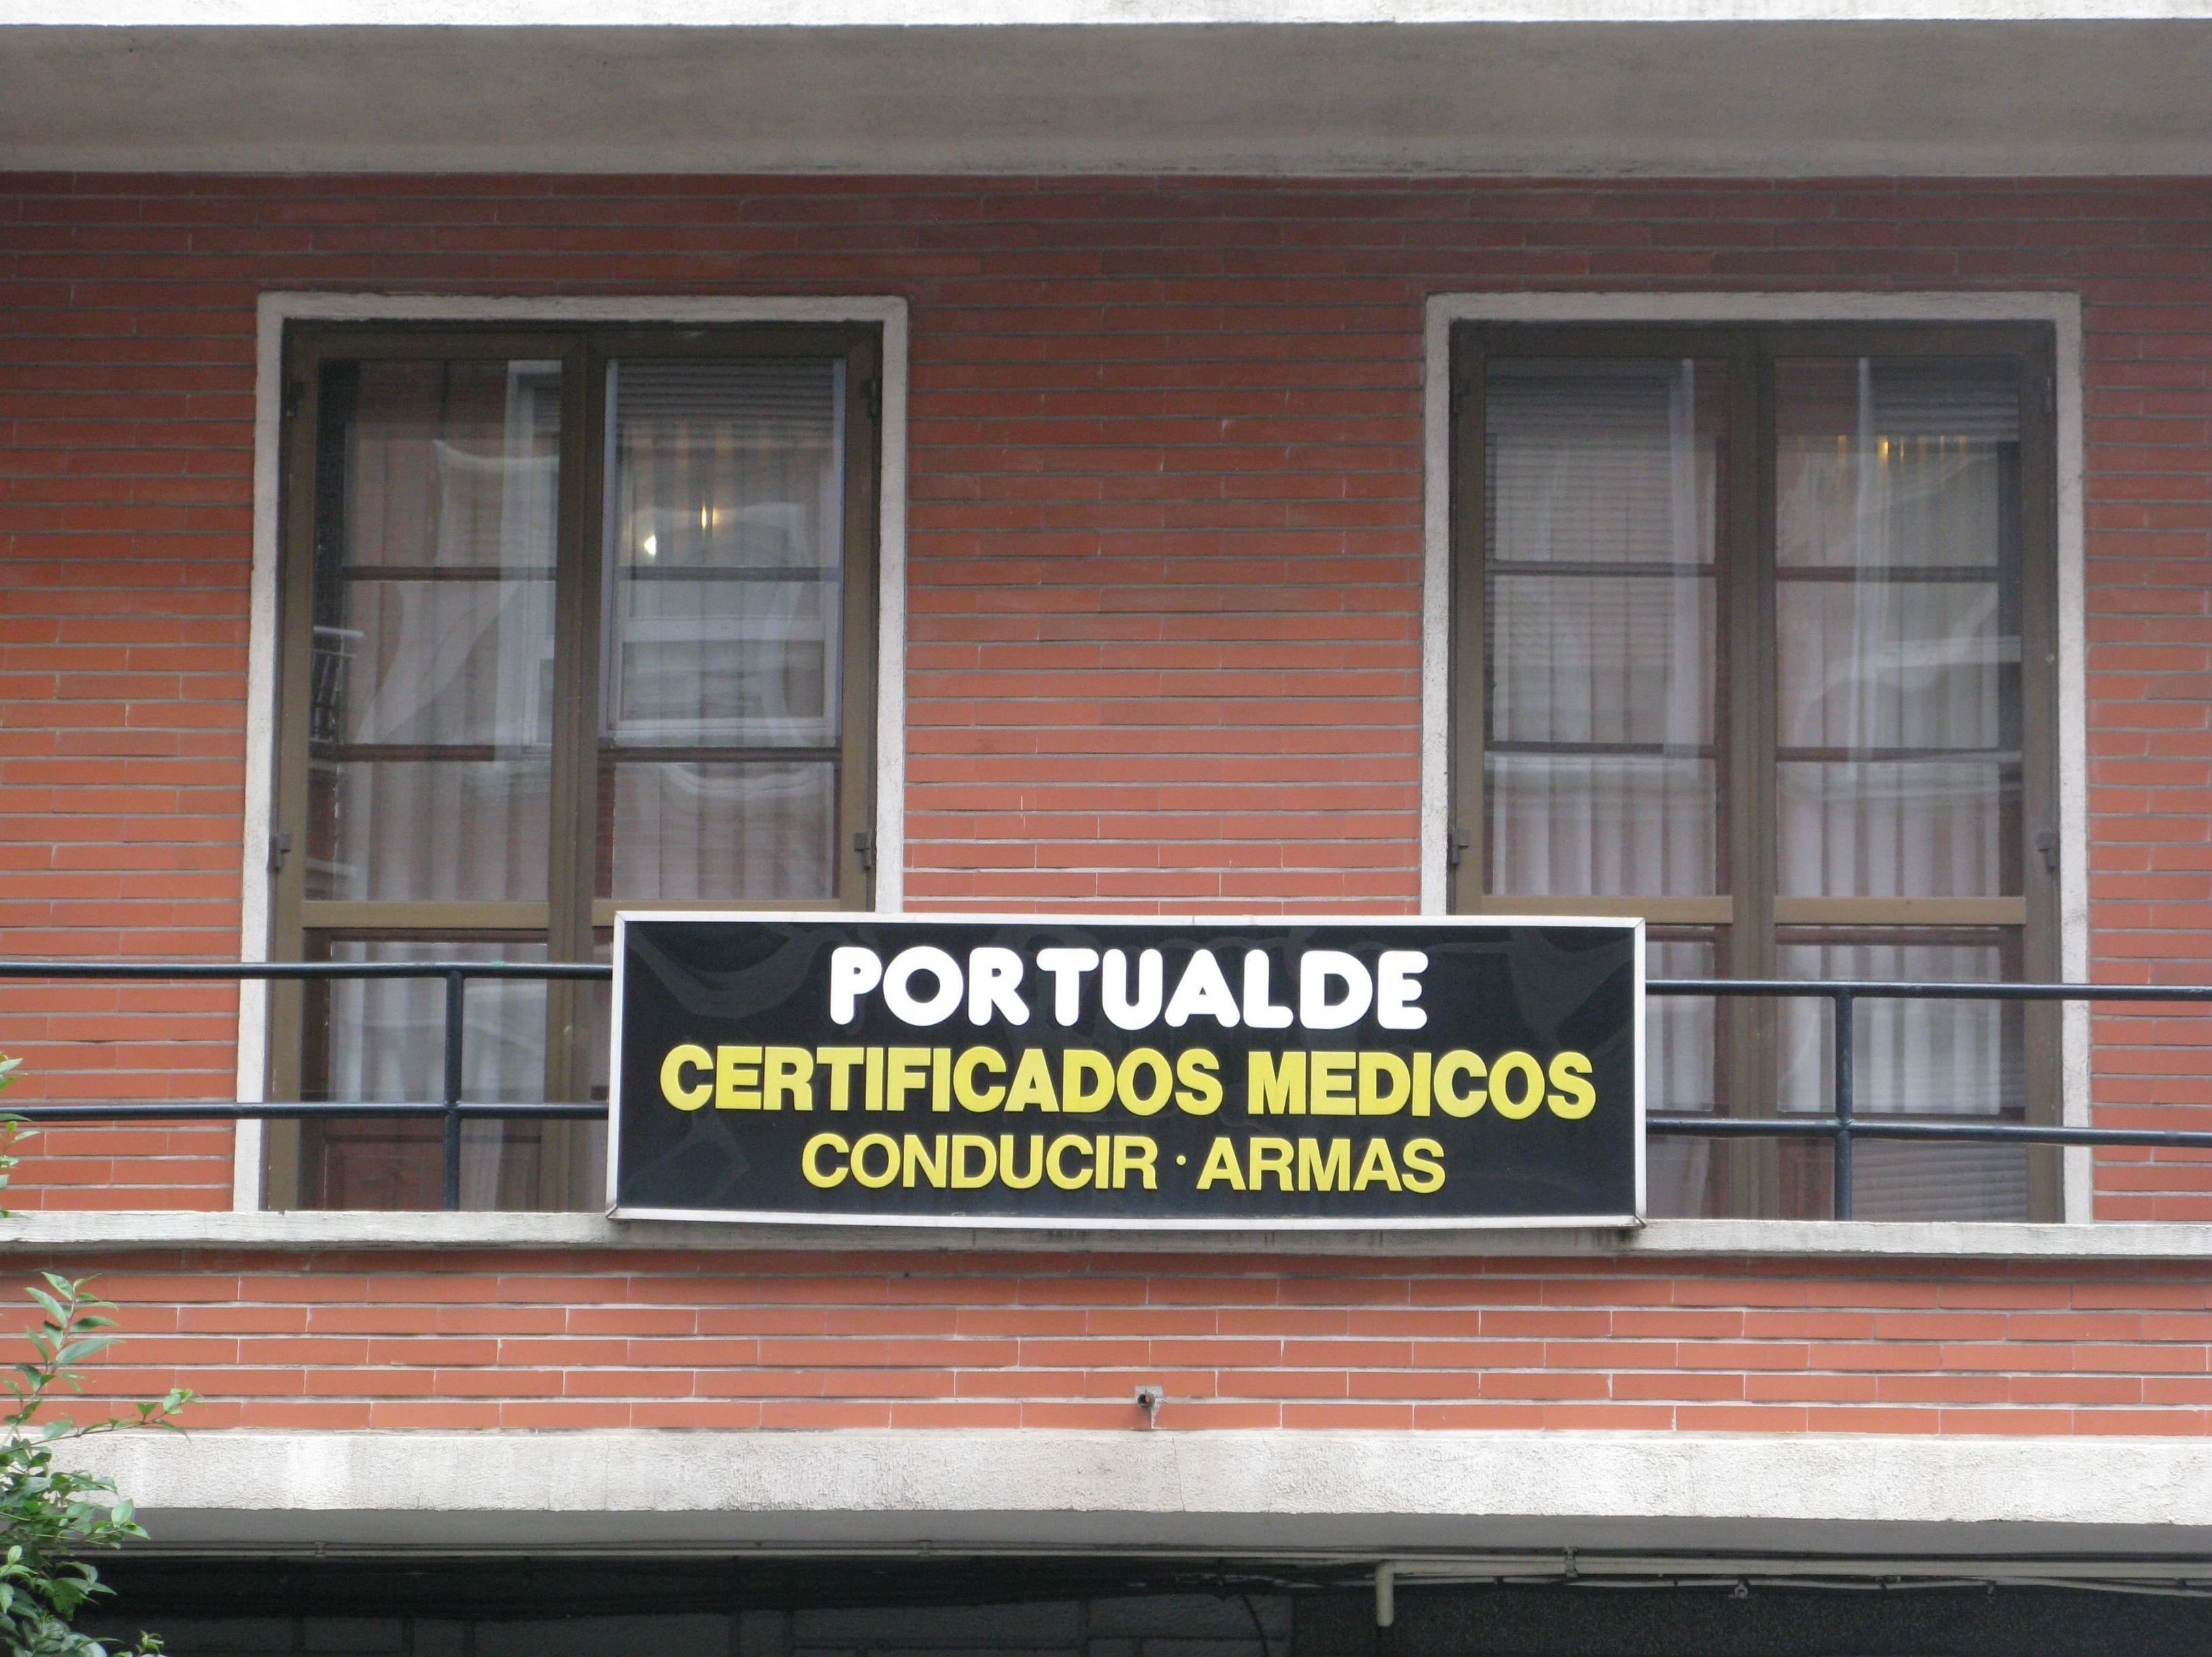 Certificados médicos Portualde